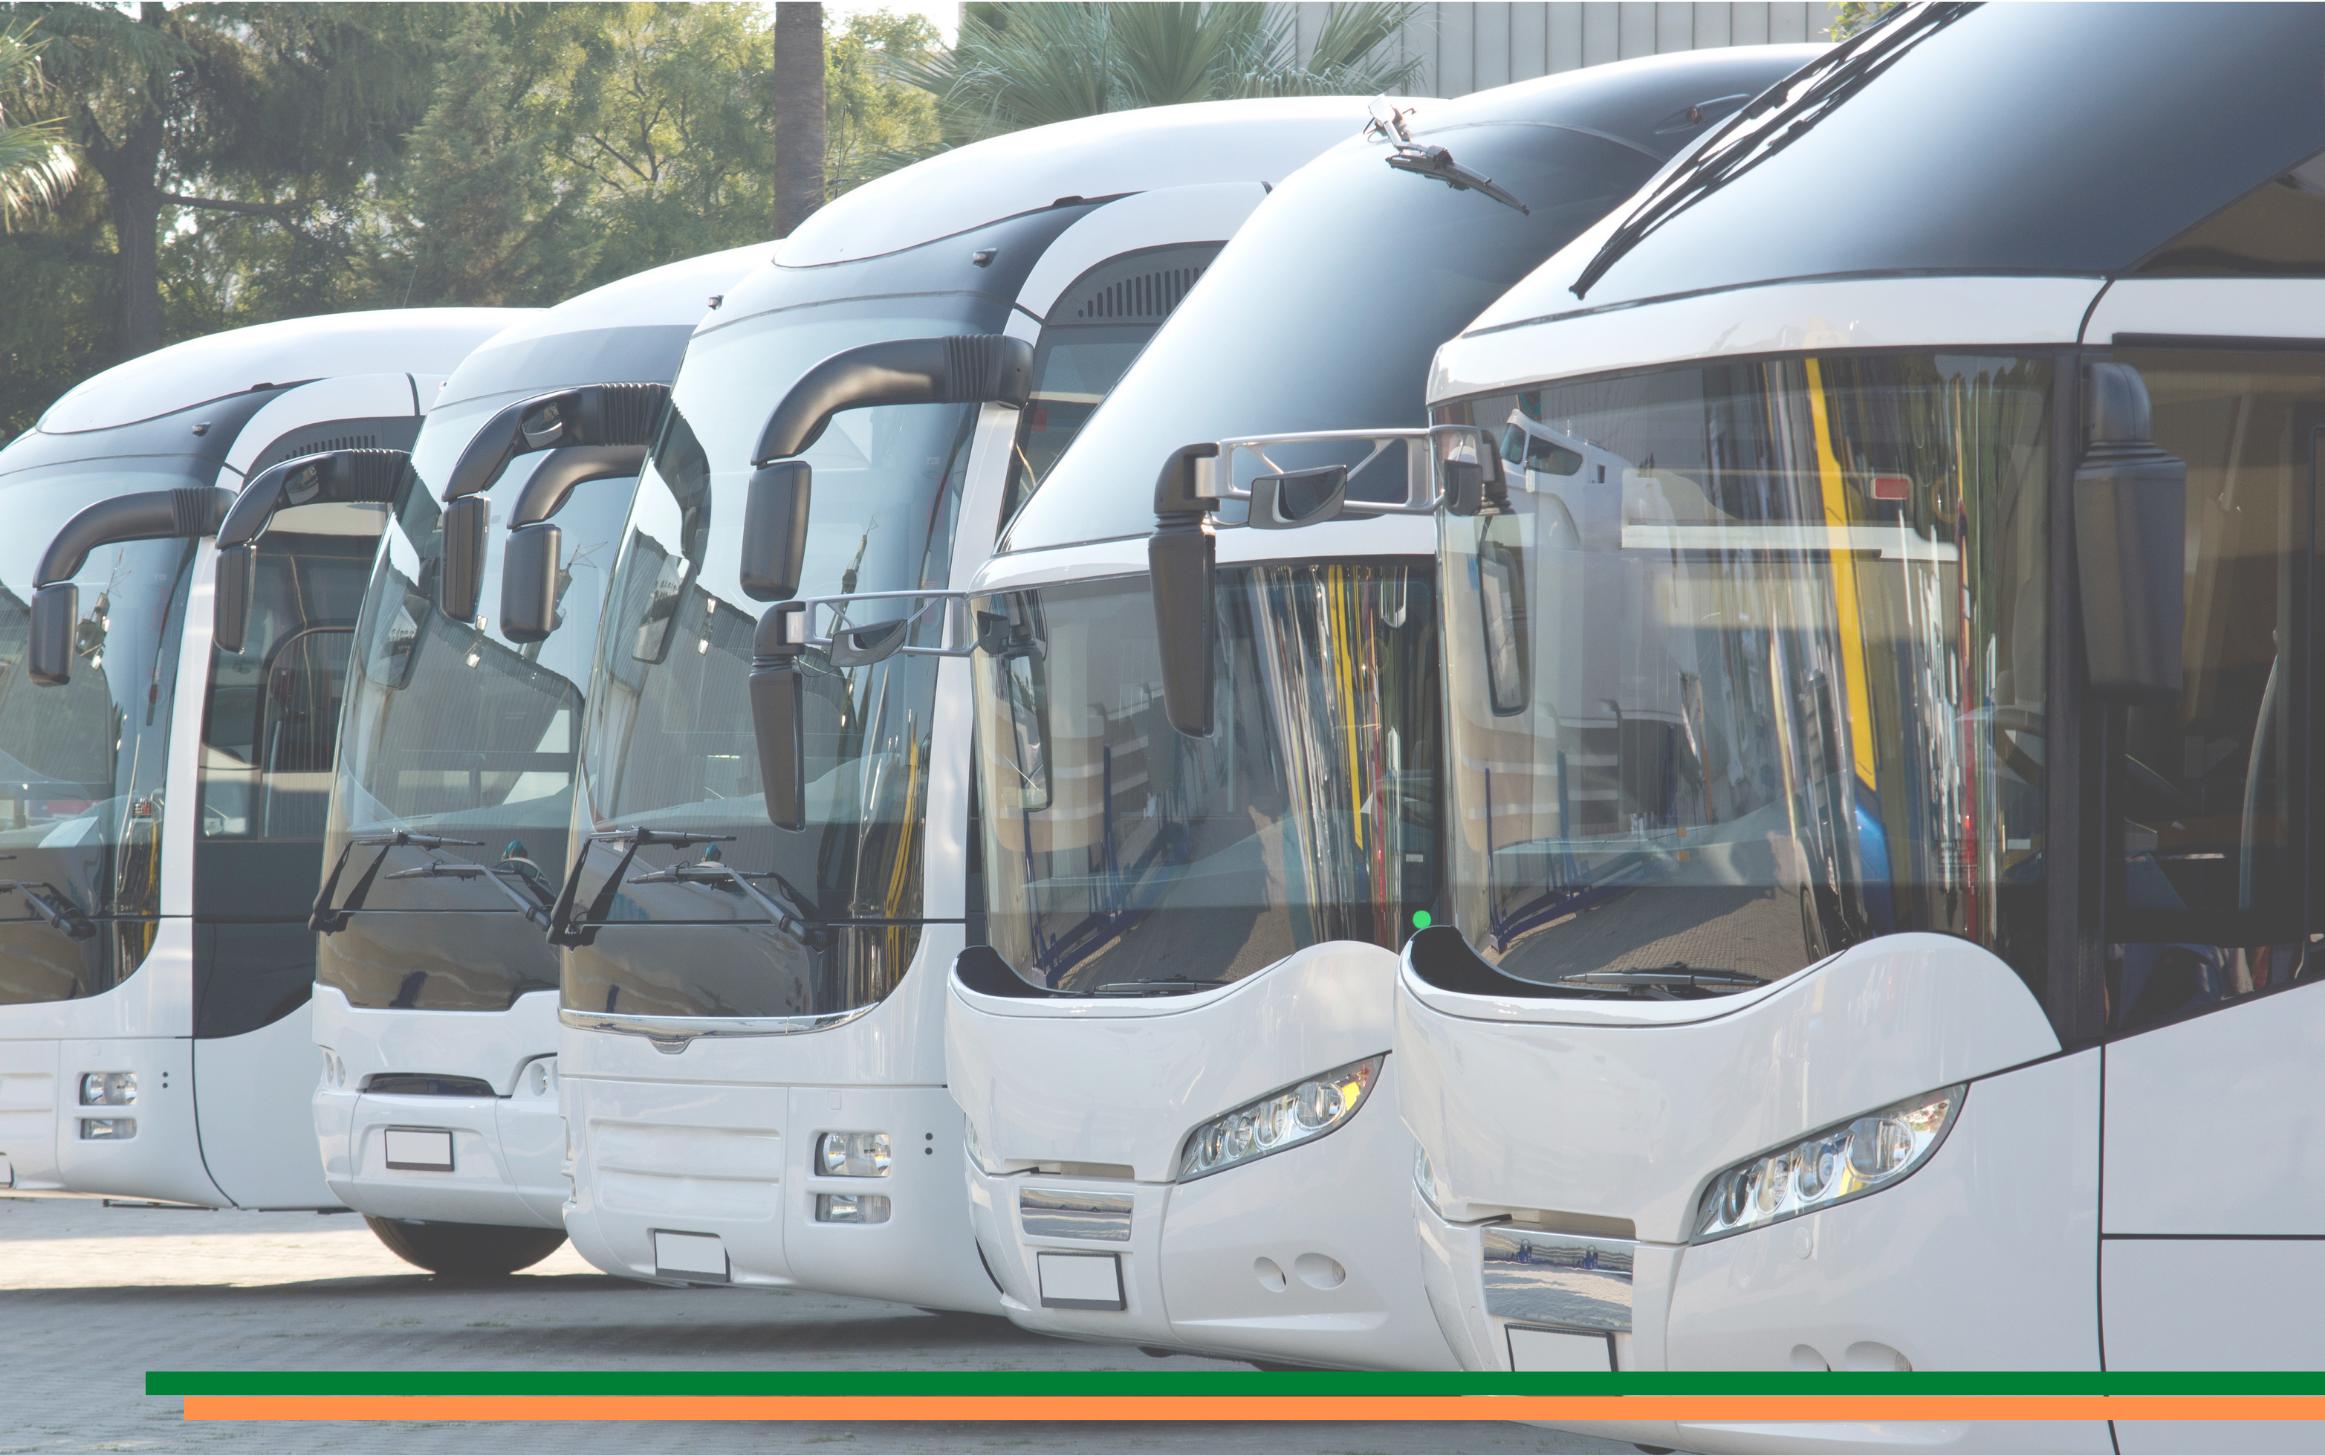 Acesse, AQUI, o edital de licitação das áreas operação 2 e 5 do sistema de transporte rodoviário intermunicipal